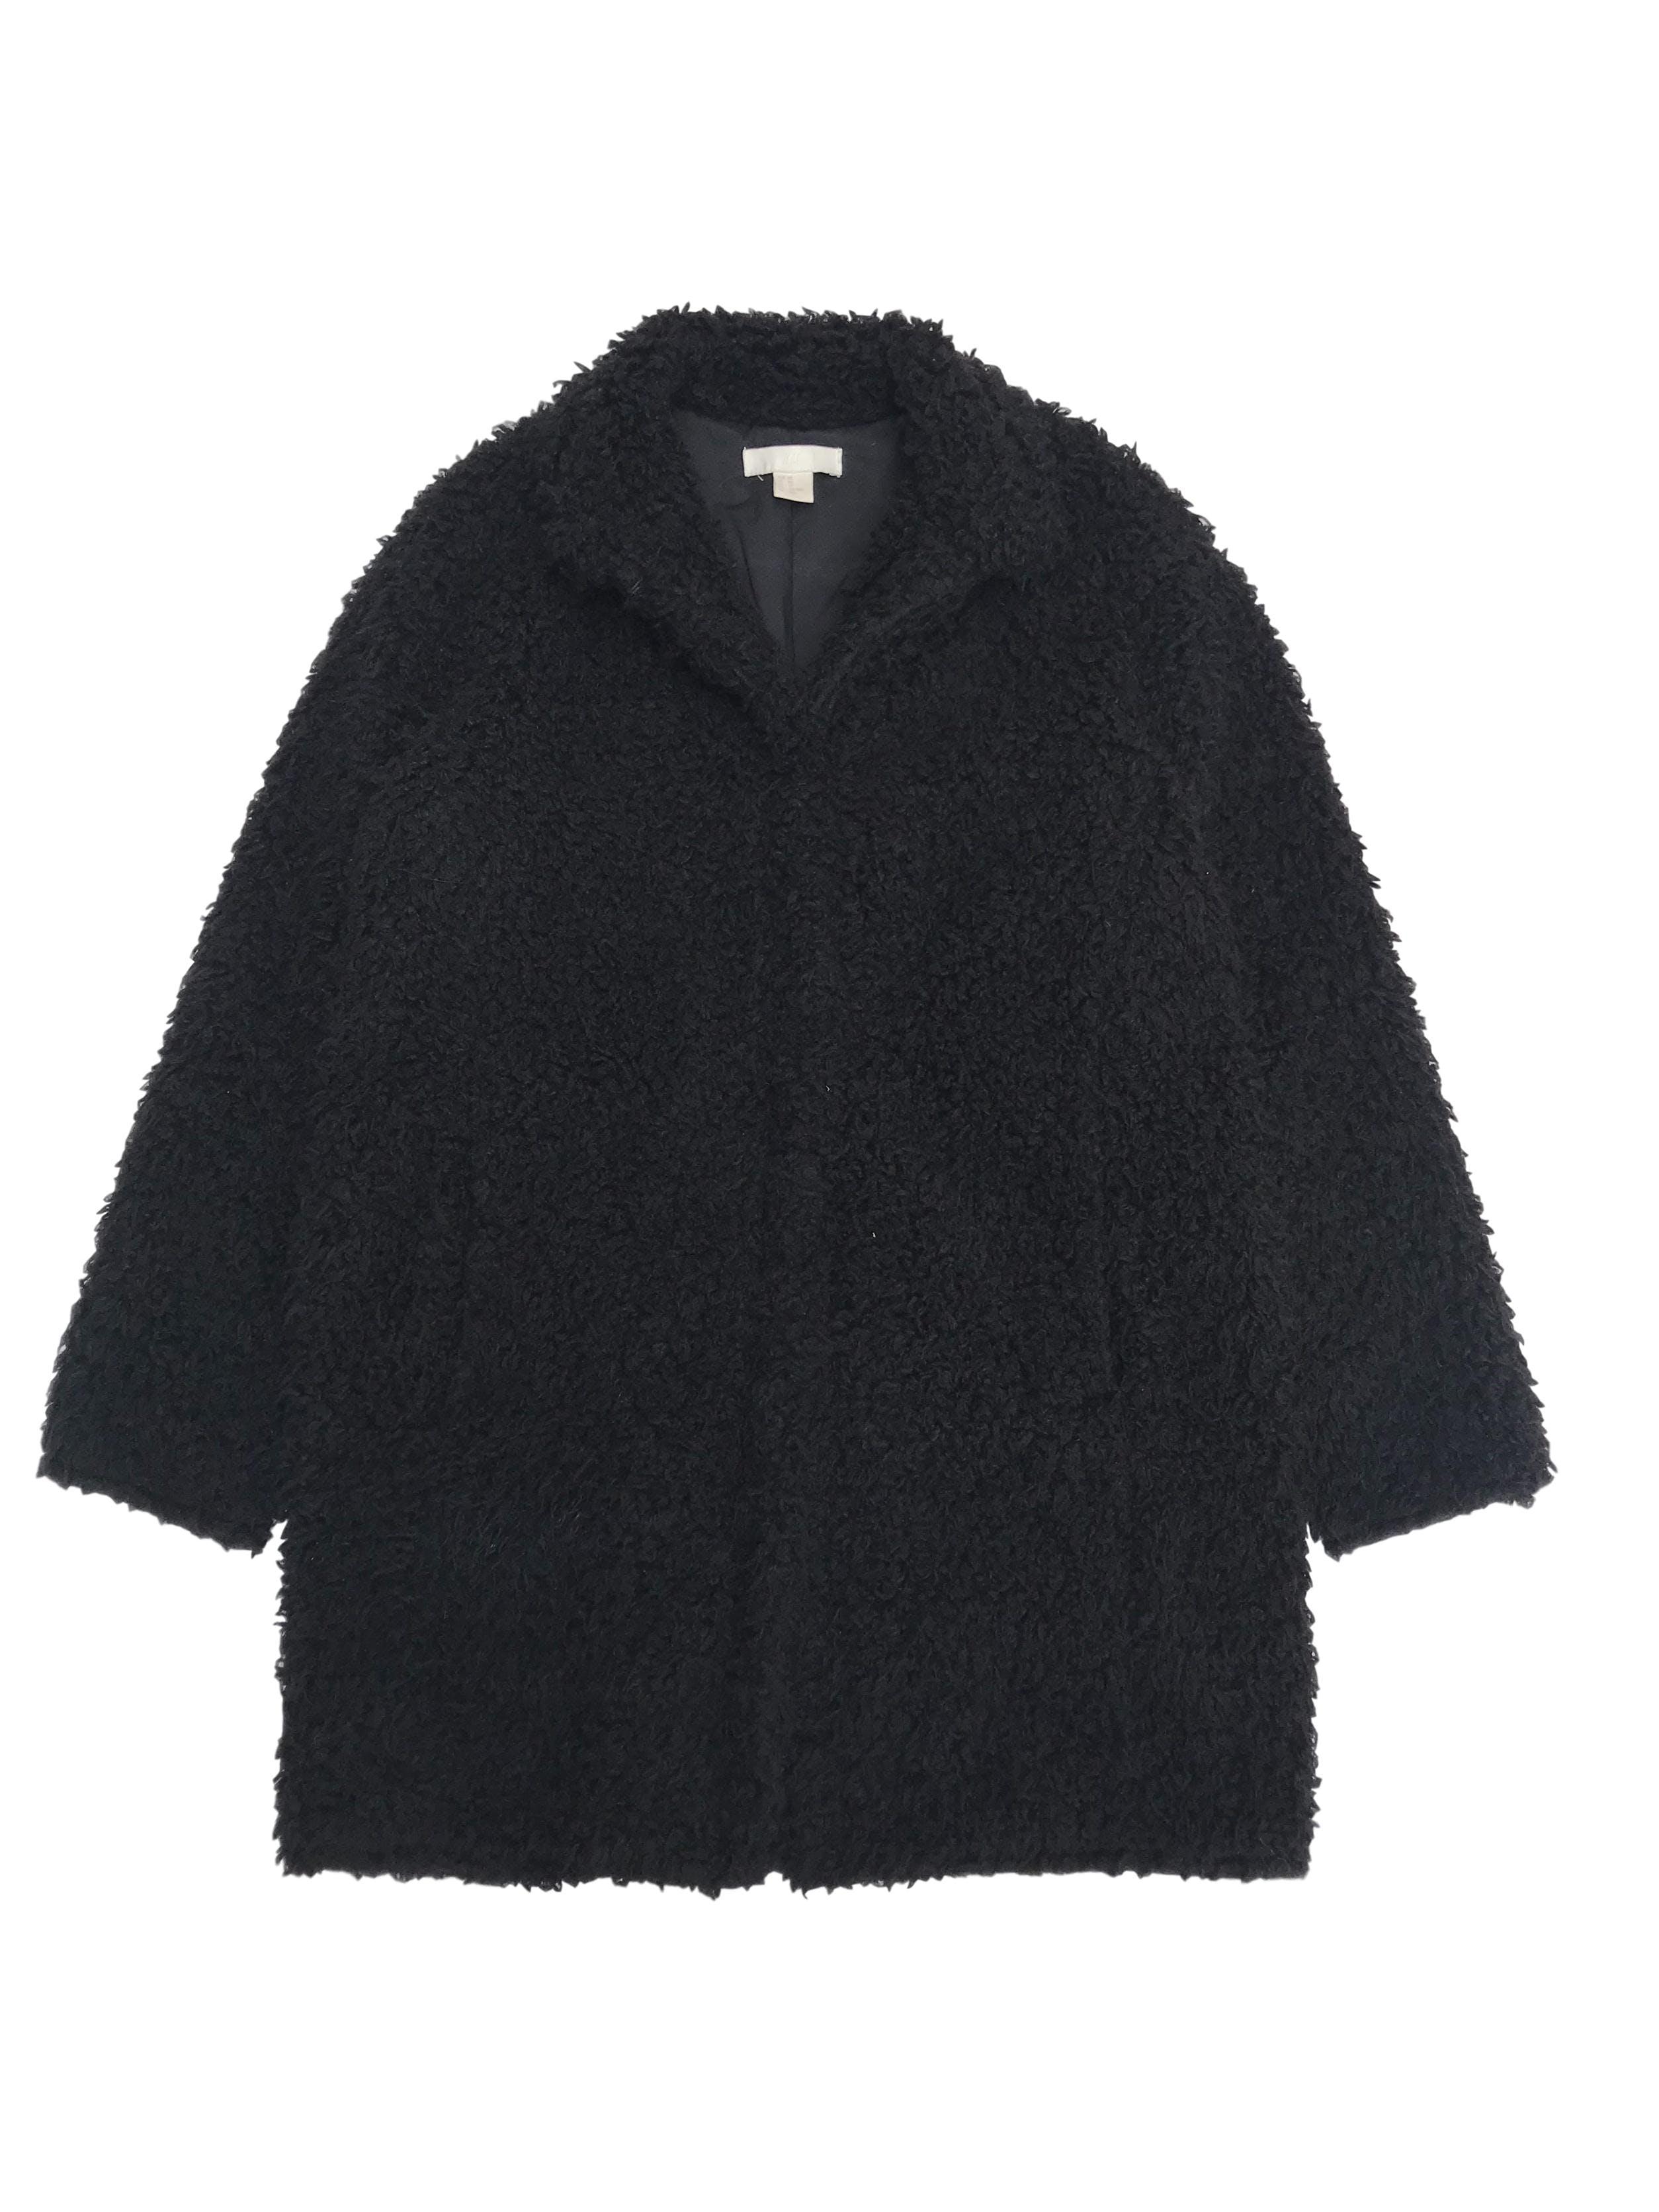 Abrigo H&M borreguito negro forrado y con bolsillos laterales. Largo 76cm. Precio original S/ 280